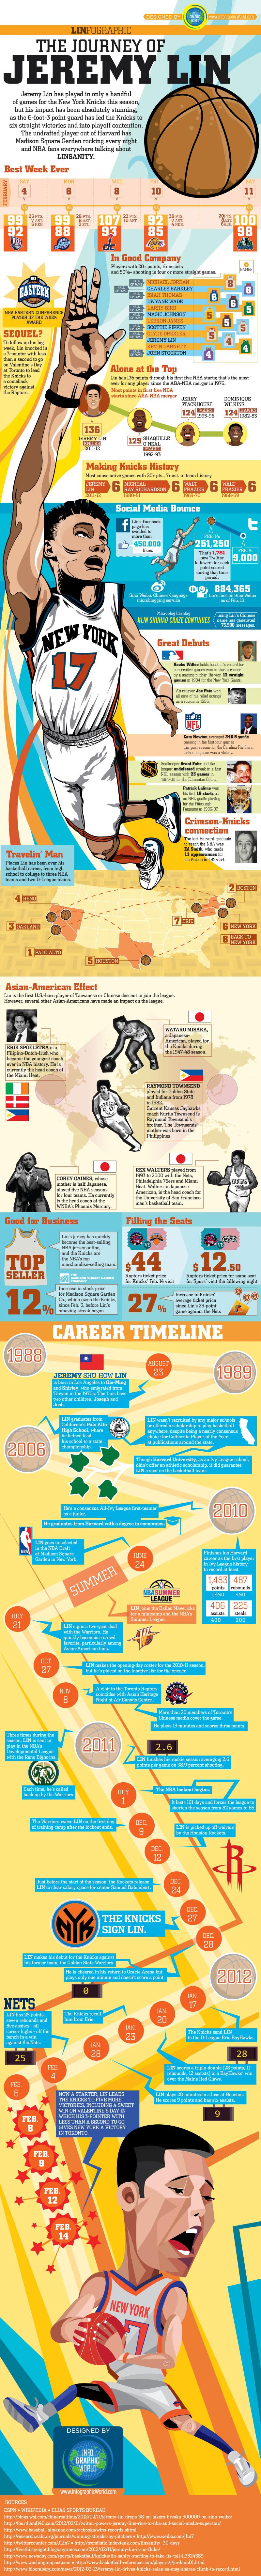 The Journey of Jeremy Lin